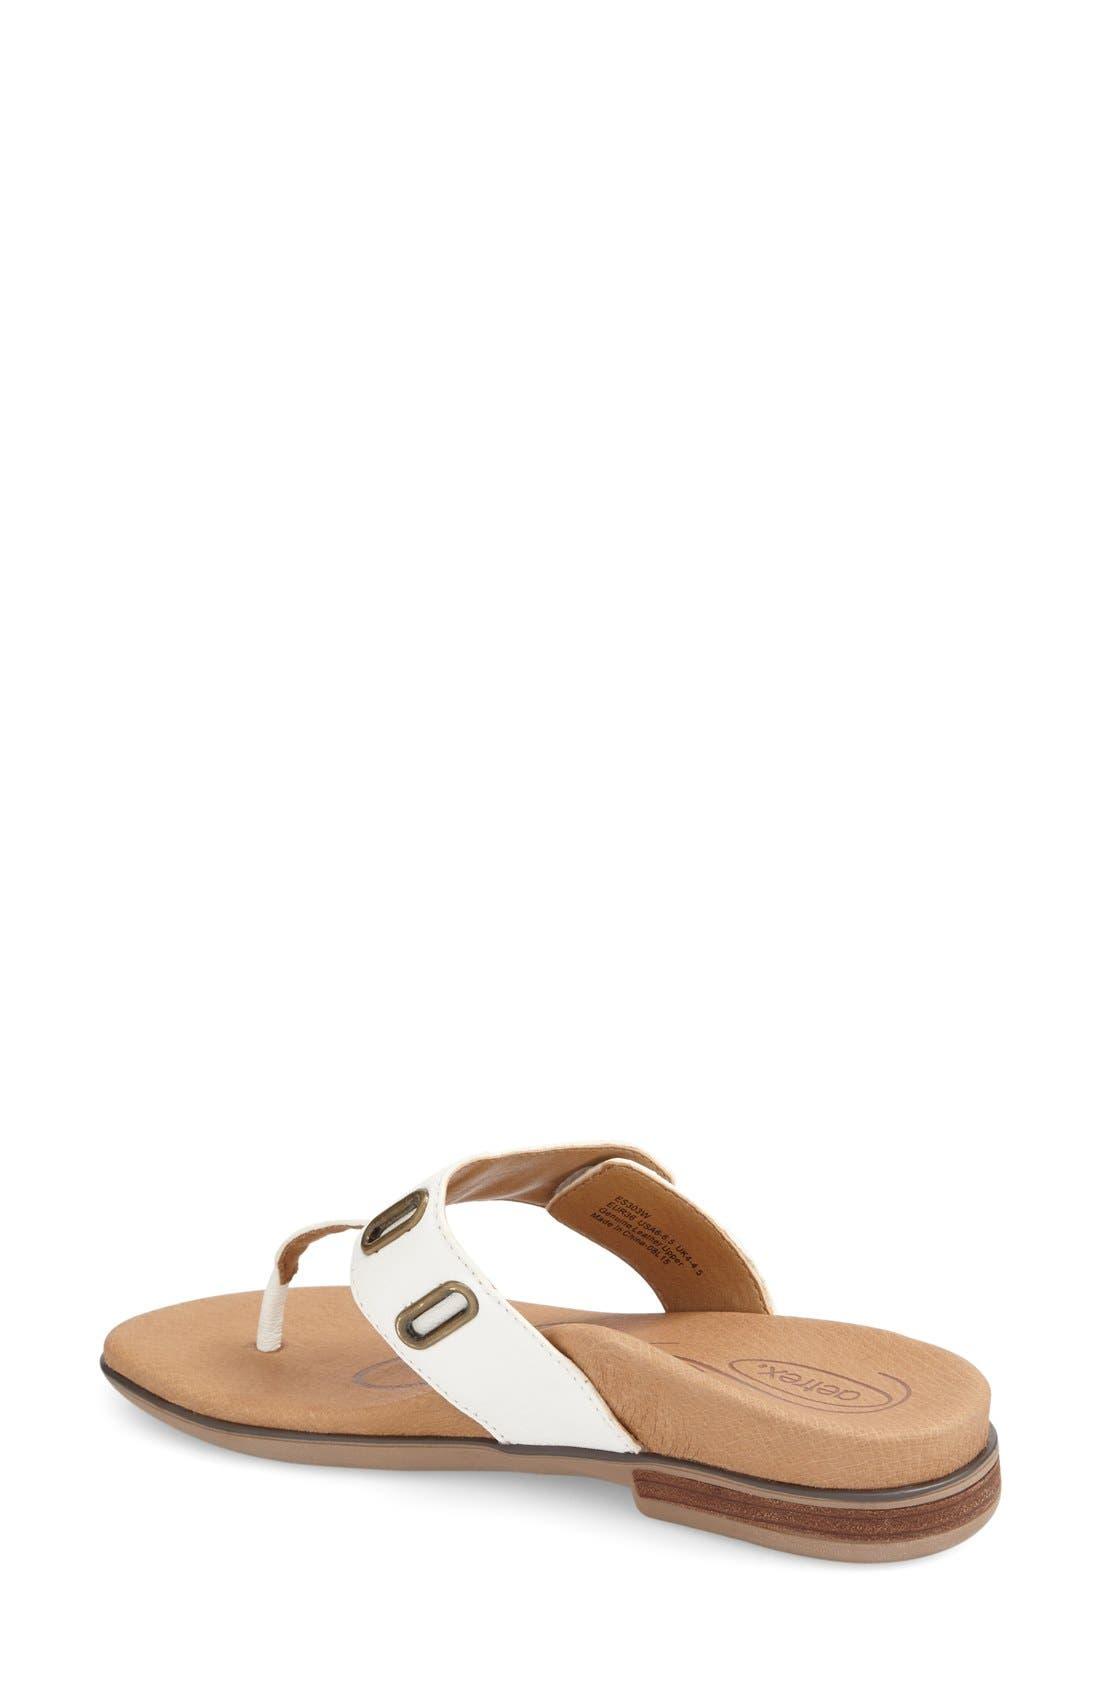 Alternate Image 2  - Aetrex 'Zara' Flip Flop (Women)